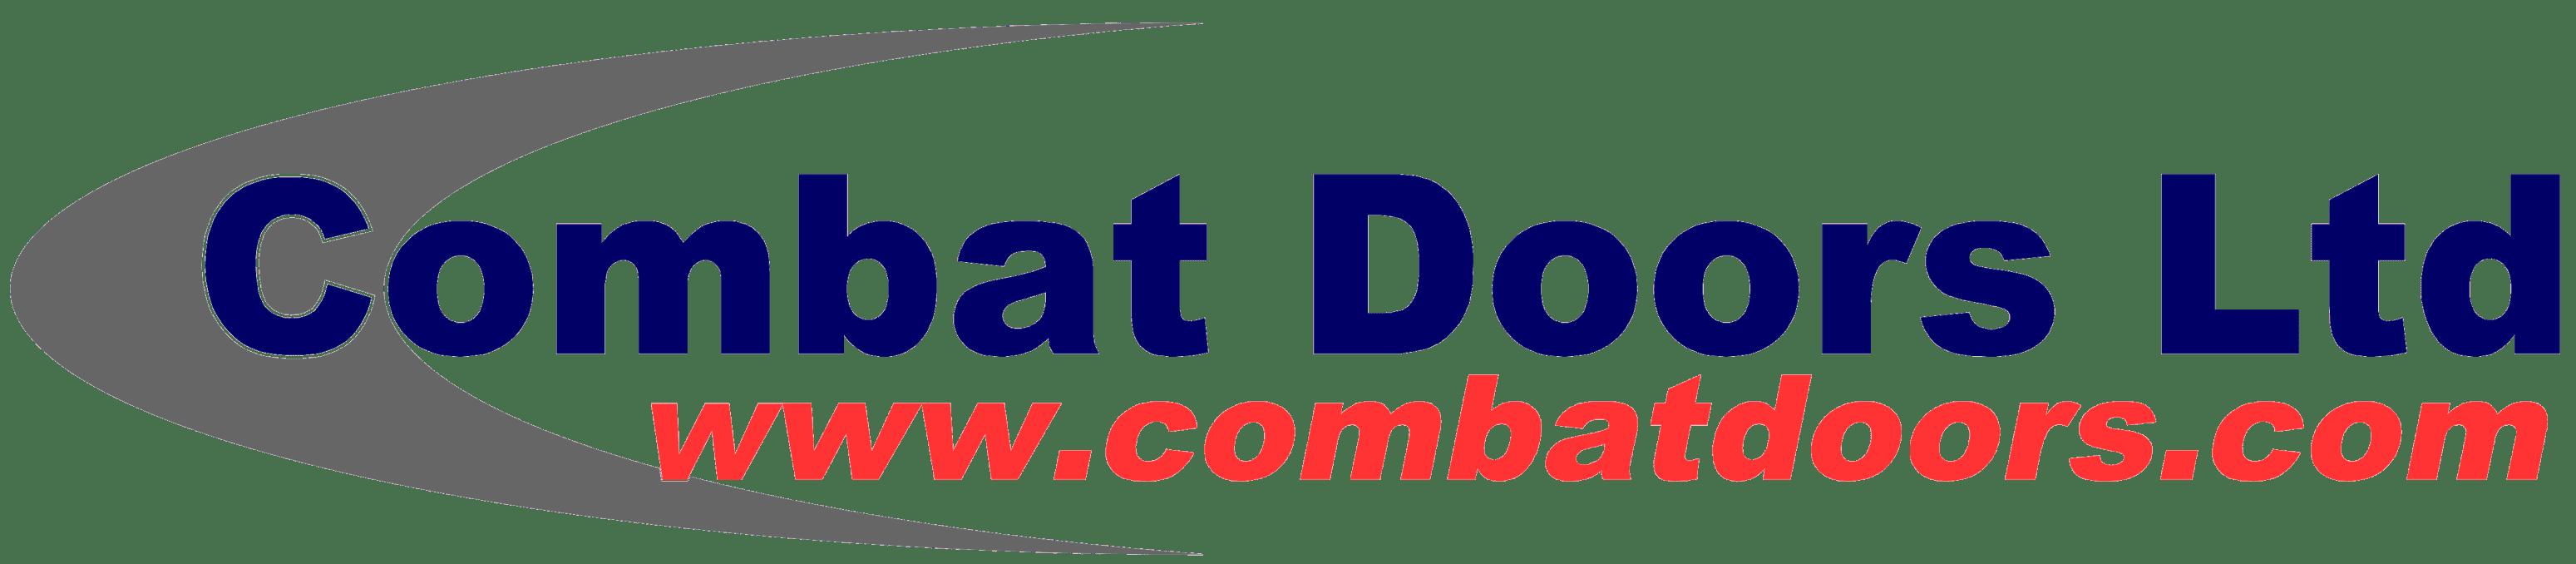 Combat Doors